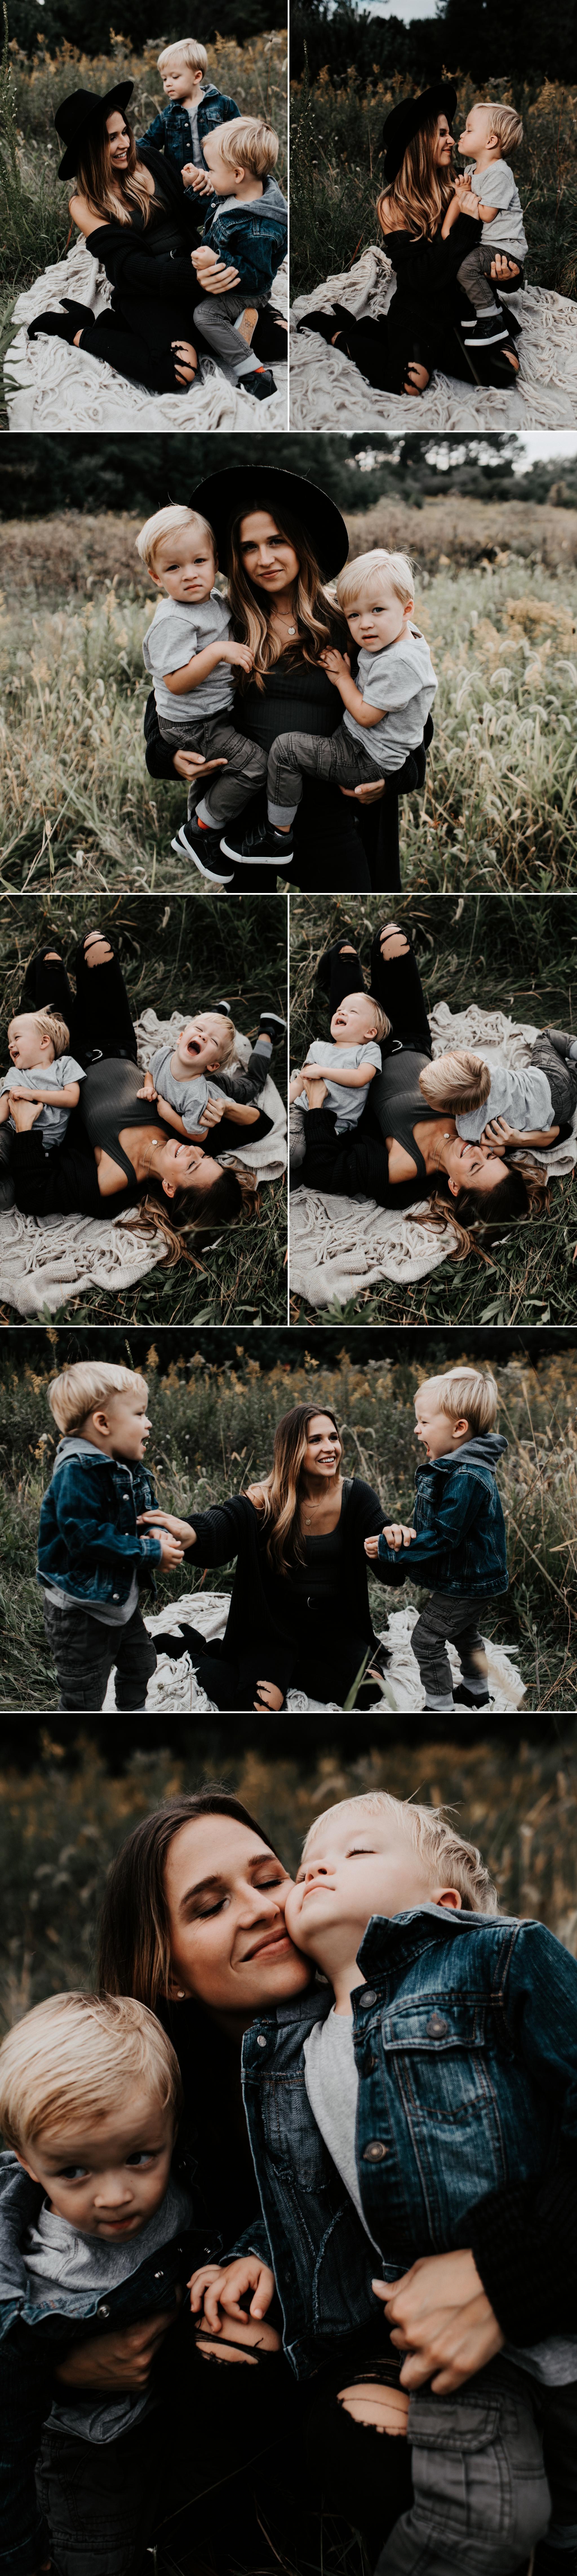 Jackie + Boys 4.jpg